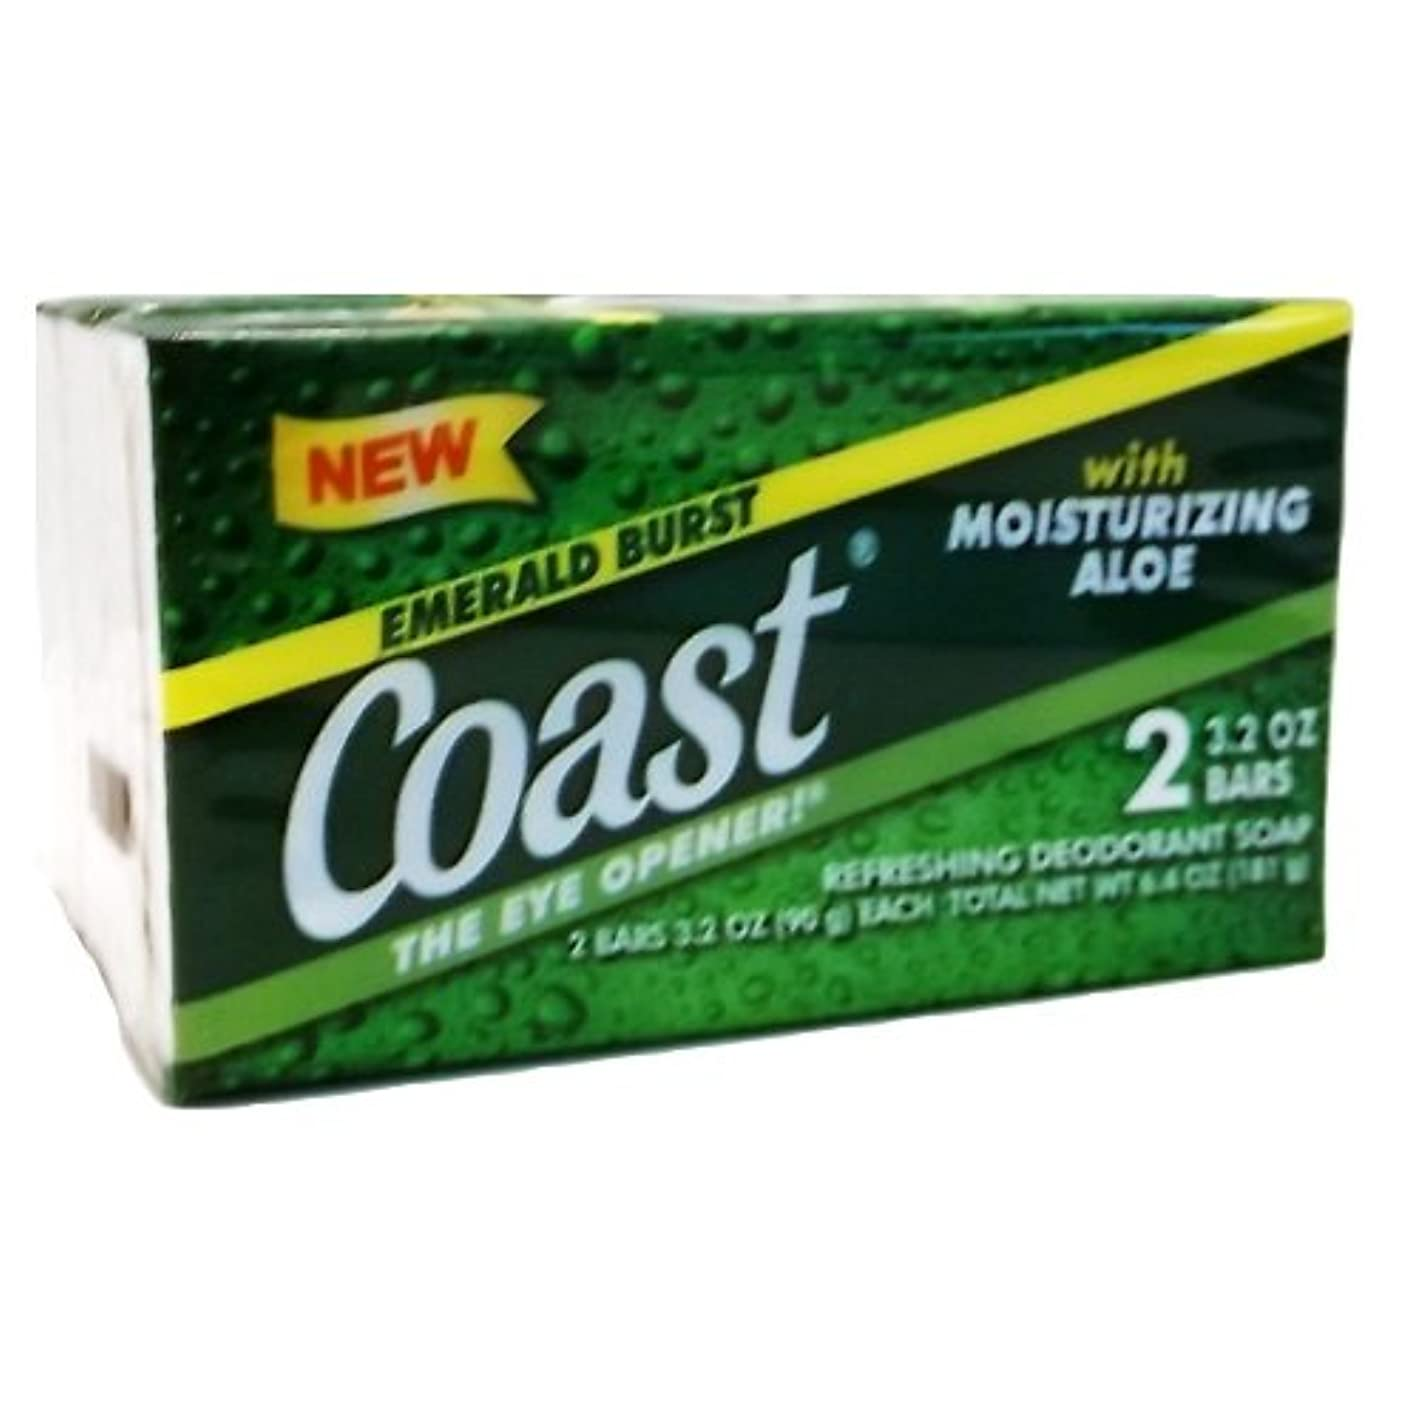 この心理的にママコースト(Coast) 石けんエメラルドバースト2個入り×24パック(48個)